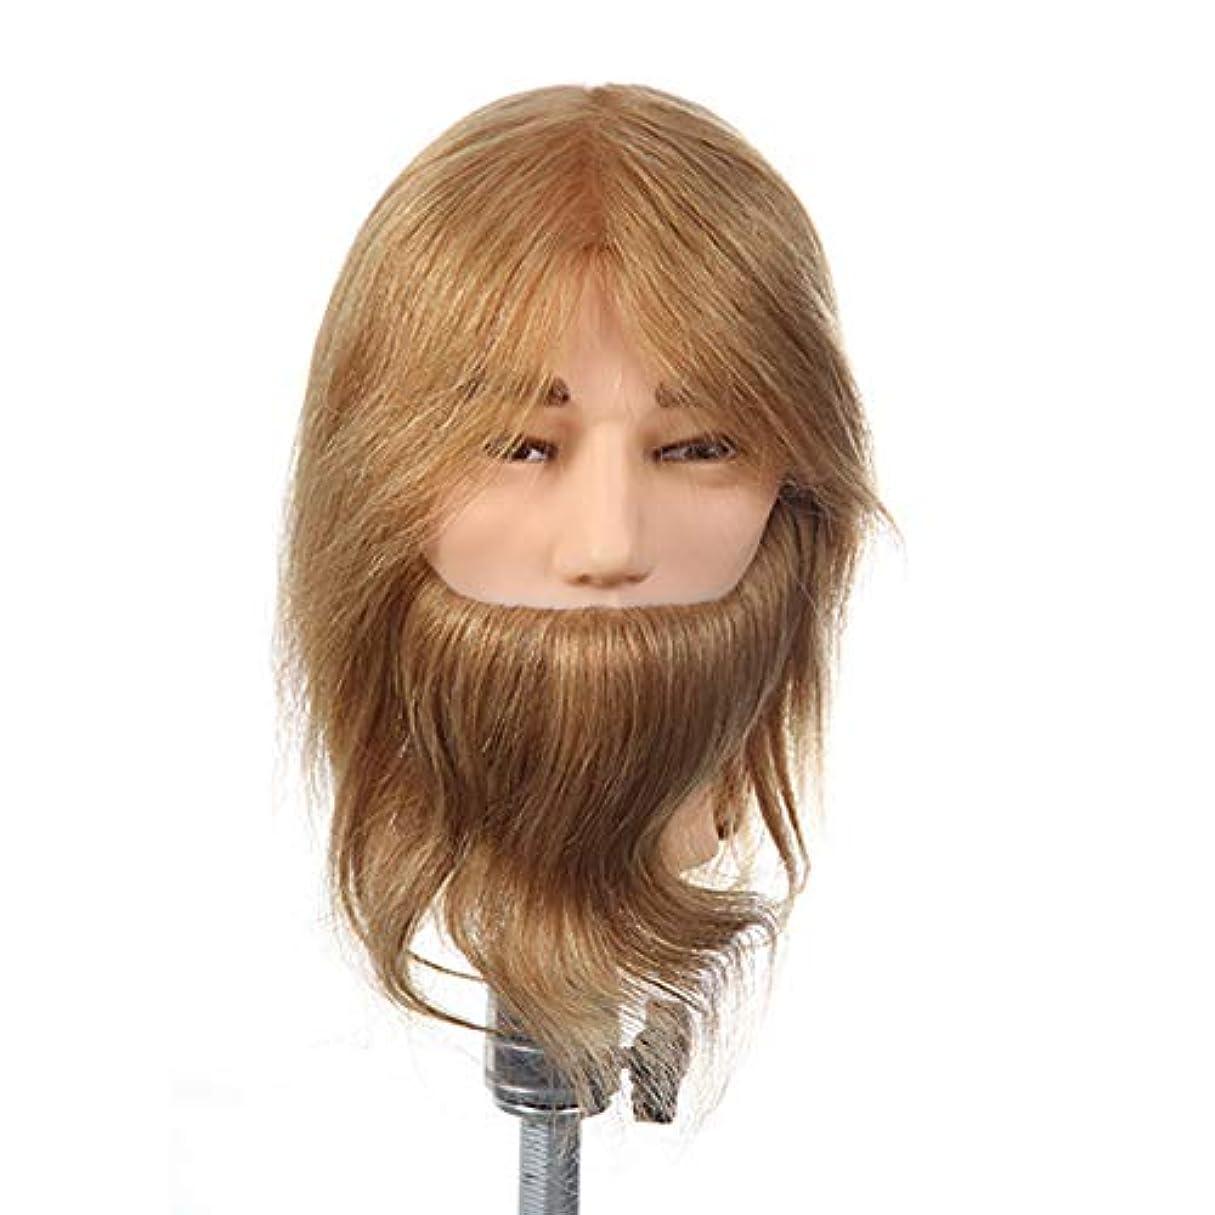 宣言優先同時本物のヘア男性化粧ダミーヘッドヘアサロン学習パーマ染めトリミング髪あごひげマネキンヘッド付き口ひげ指導ヘッド